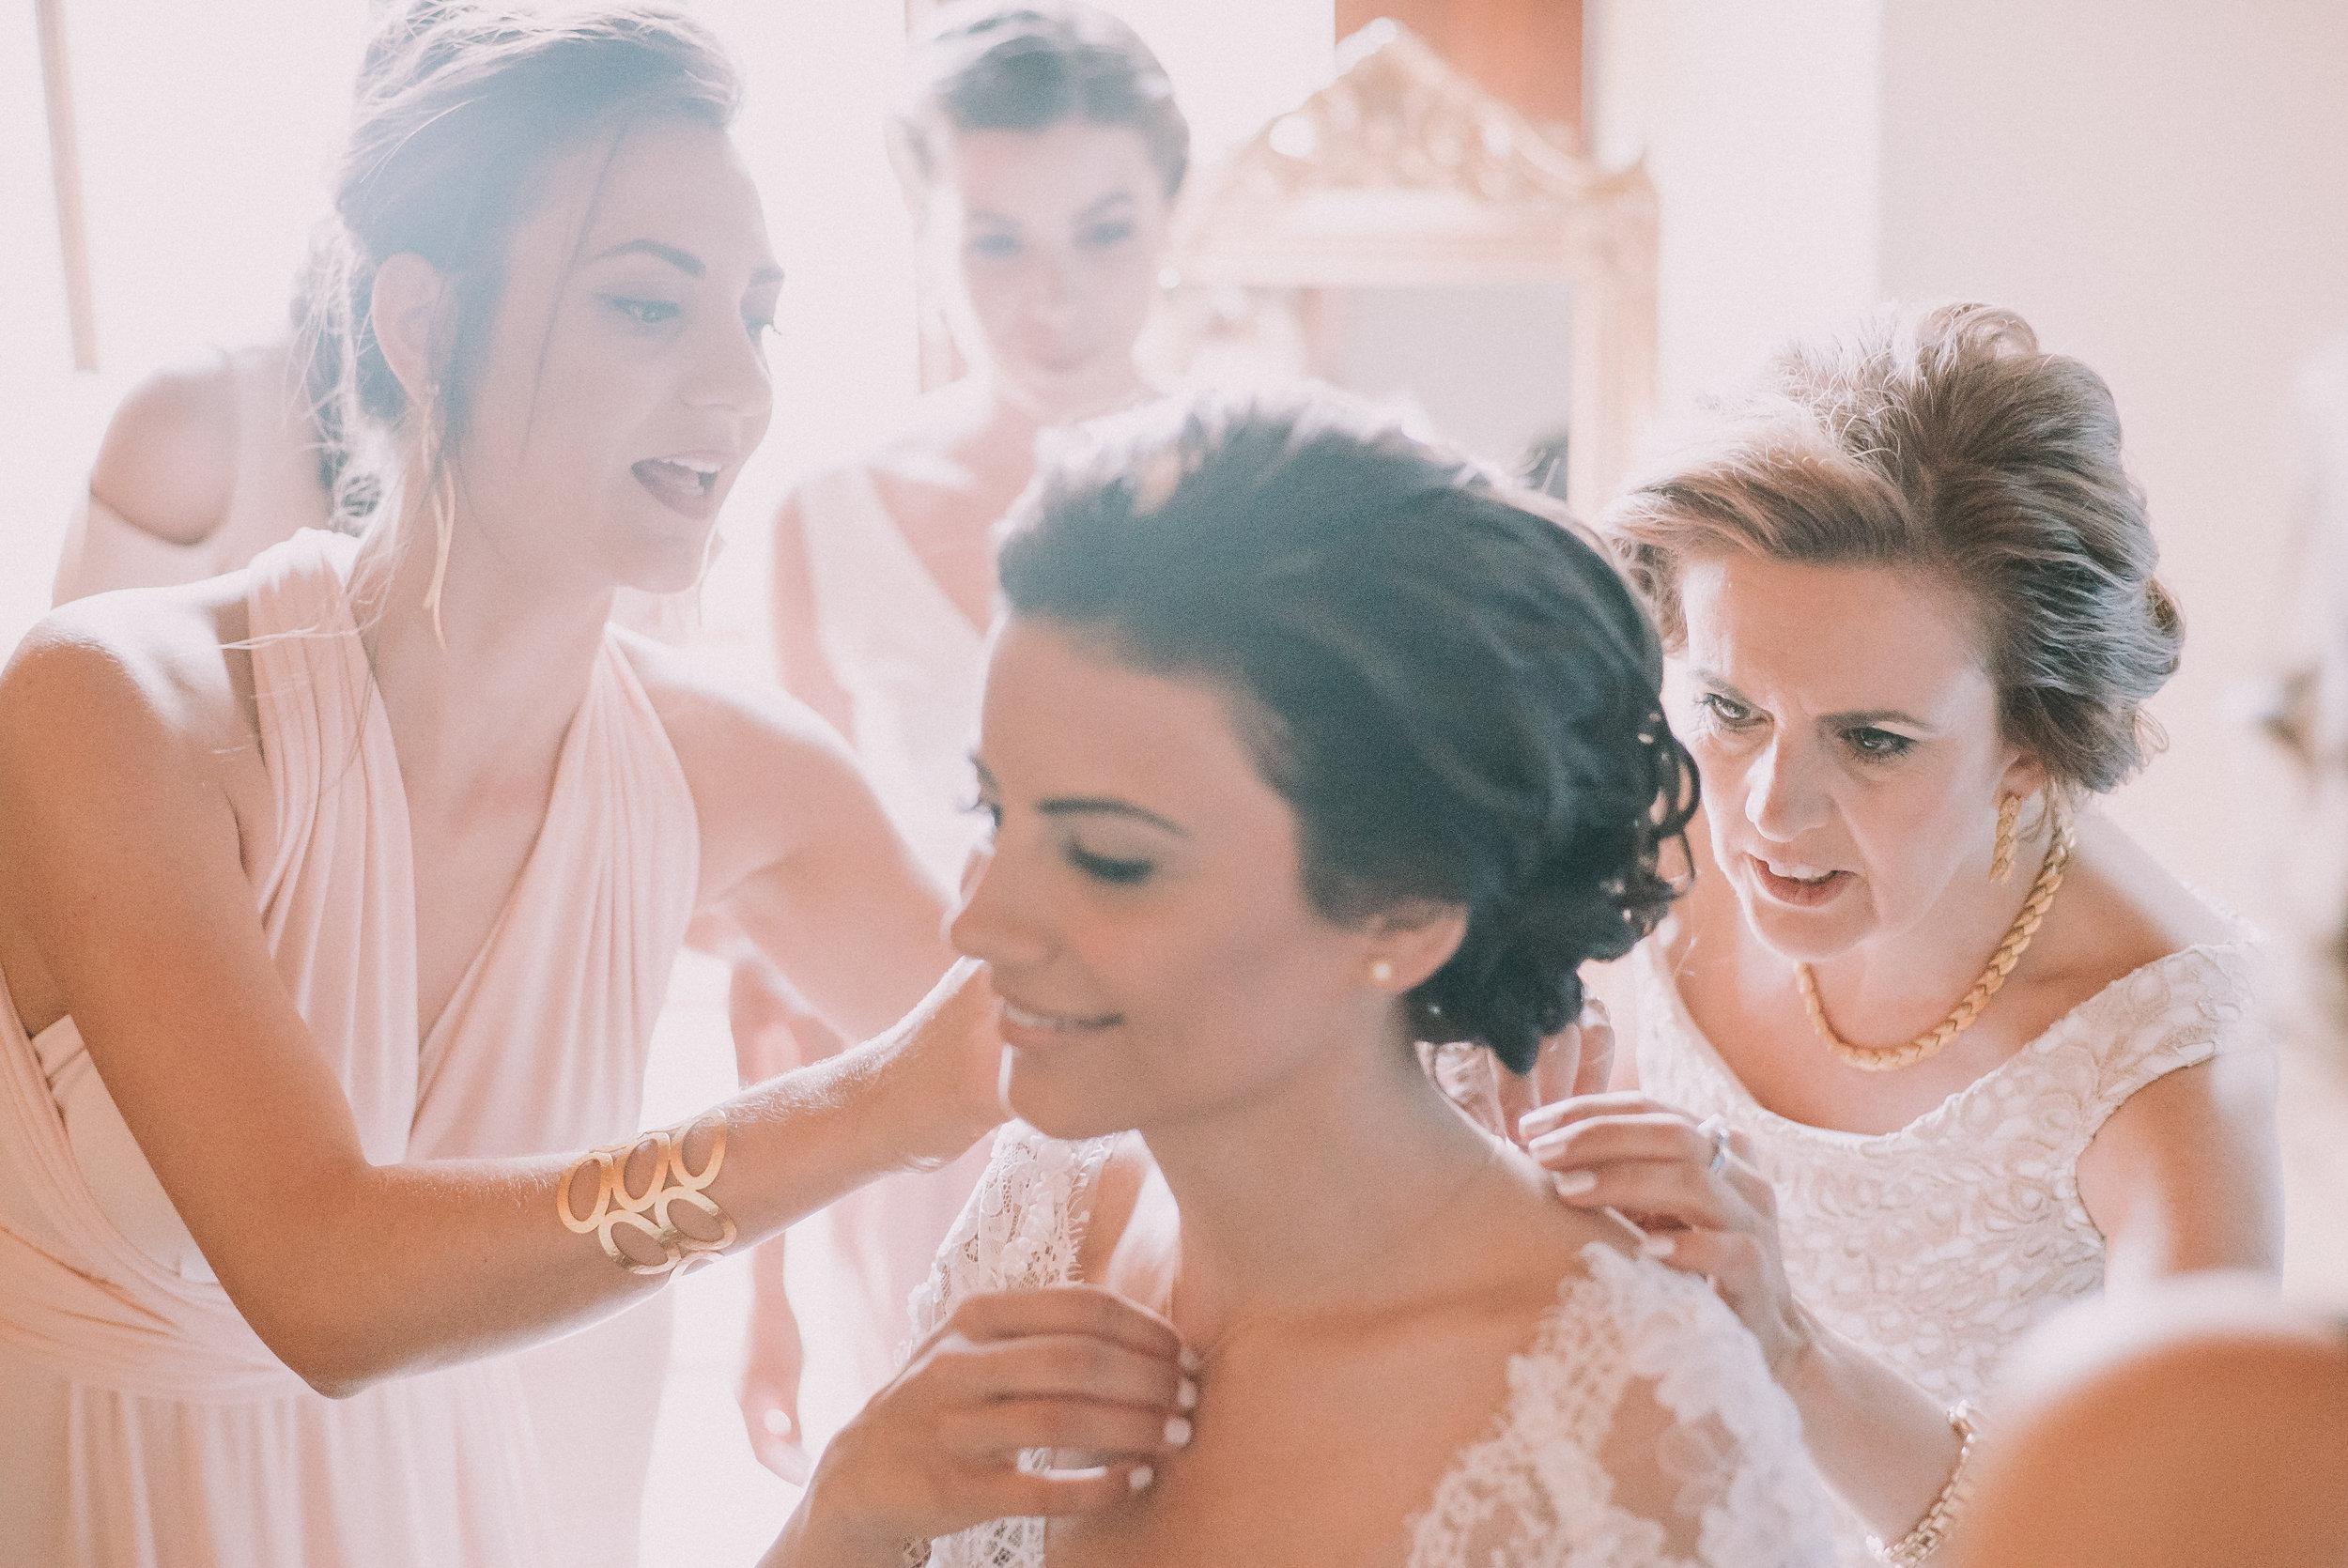 Lulumeli φωτογραφία & βίντεο γάμου